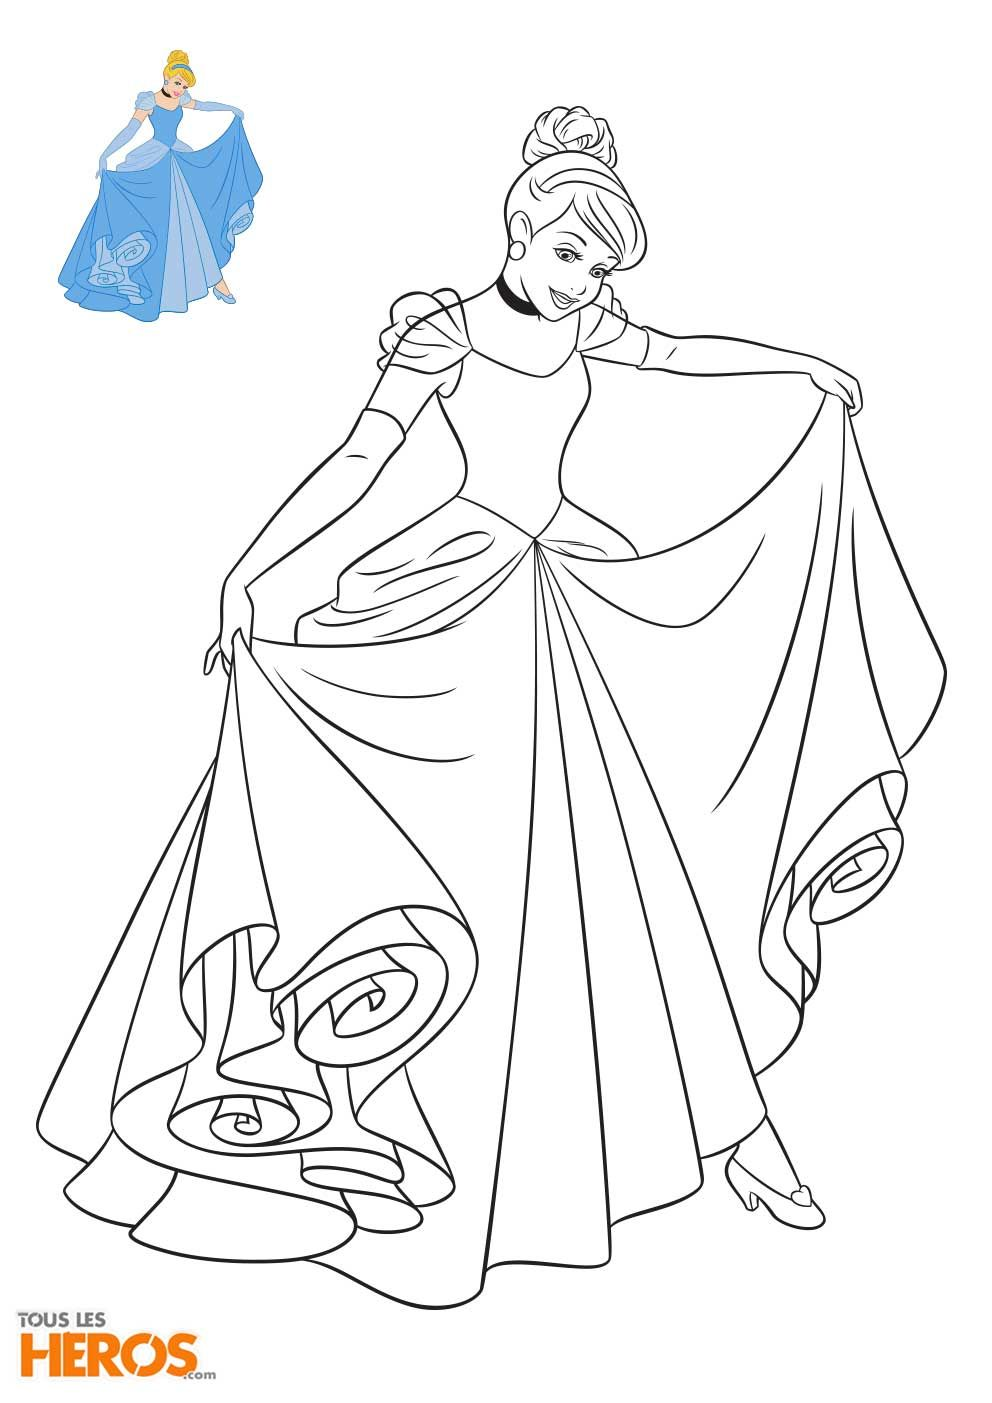 Cette semaine tous les h ros vous propose d 39 imprimer 5 nouveaux coloriages disney princesses - Coloriage disney princesse ...